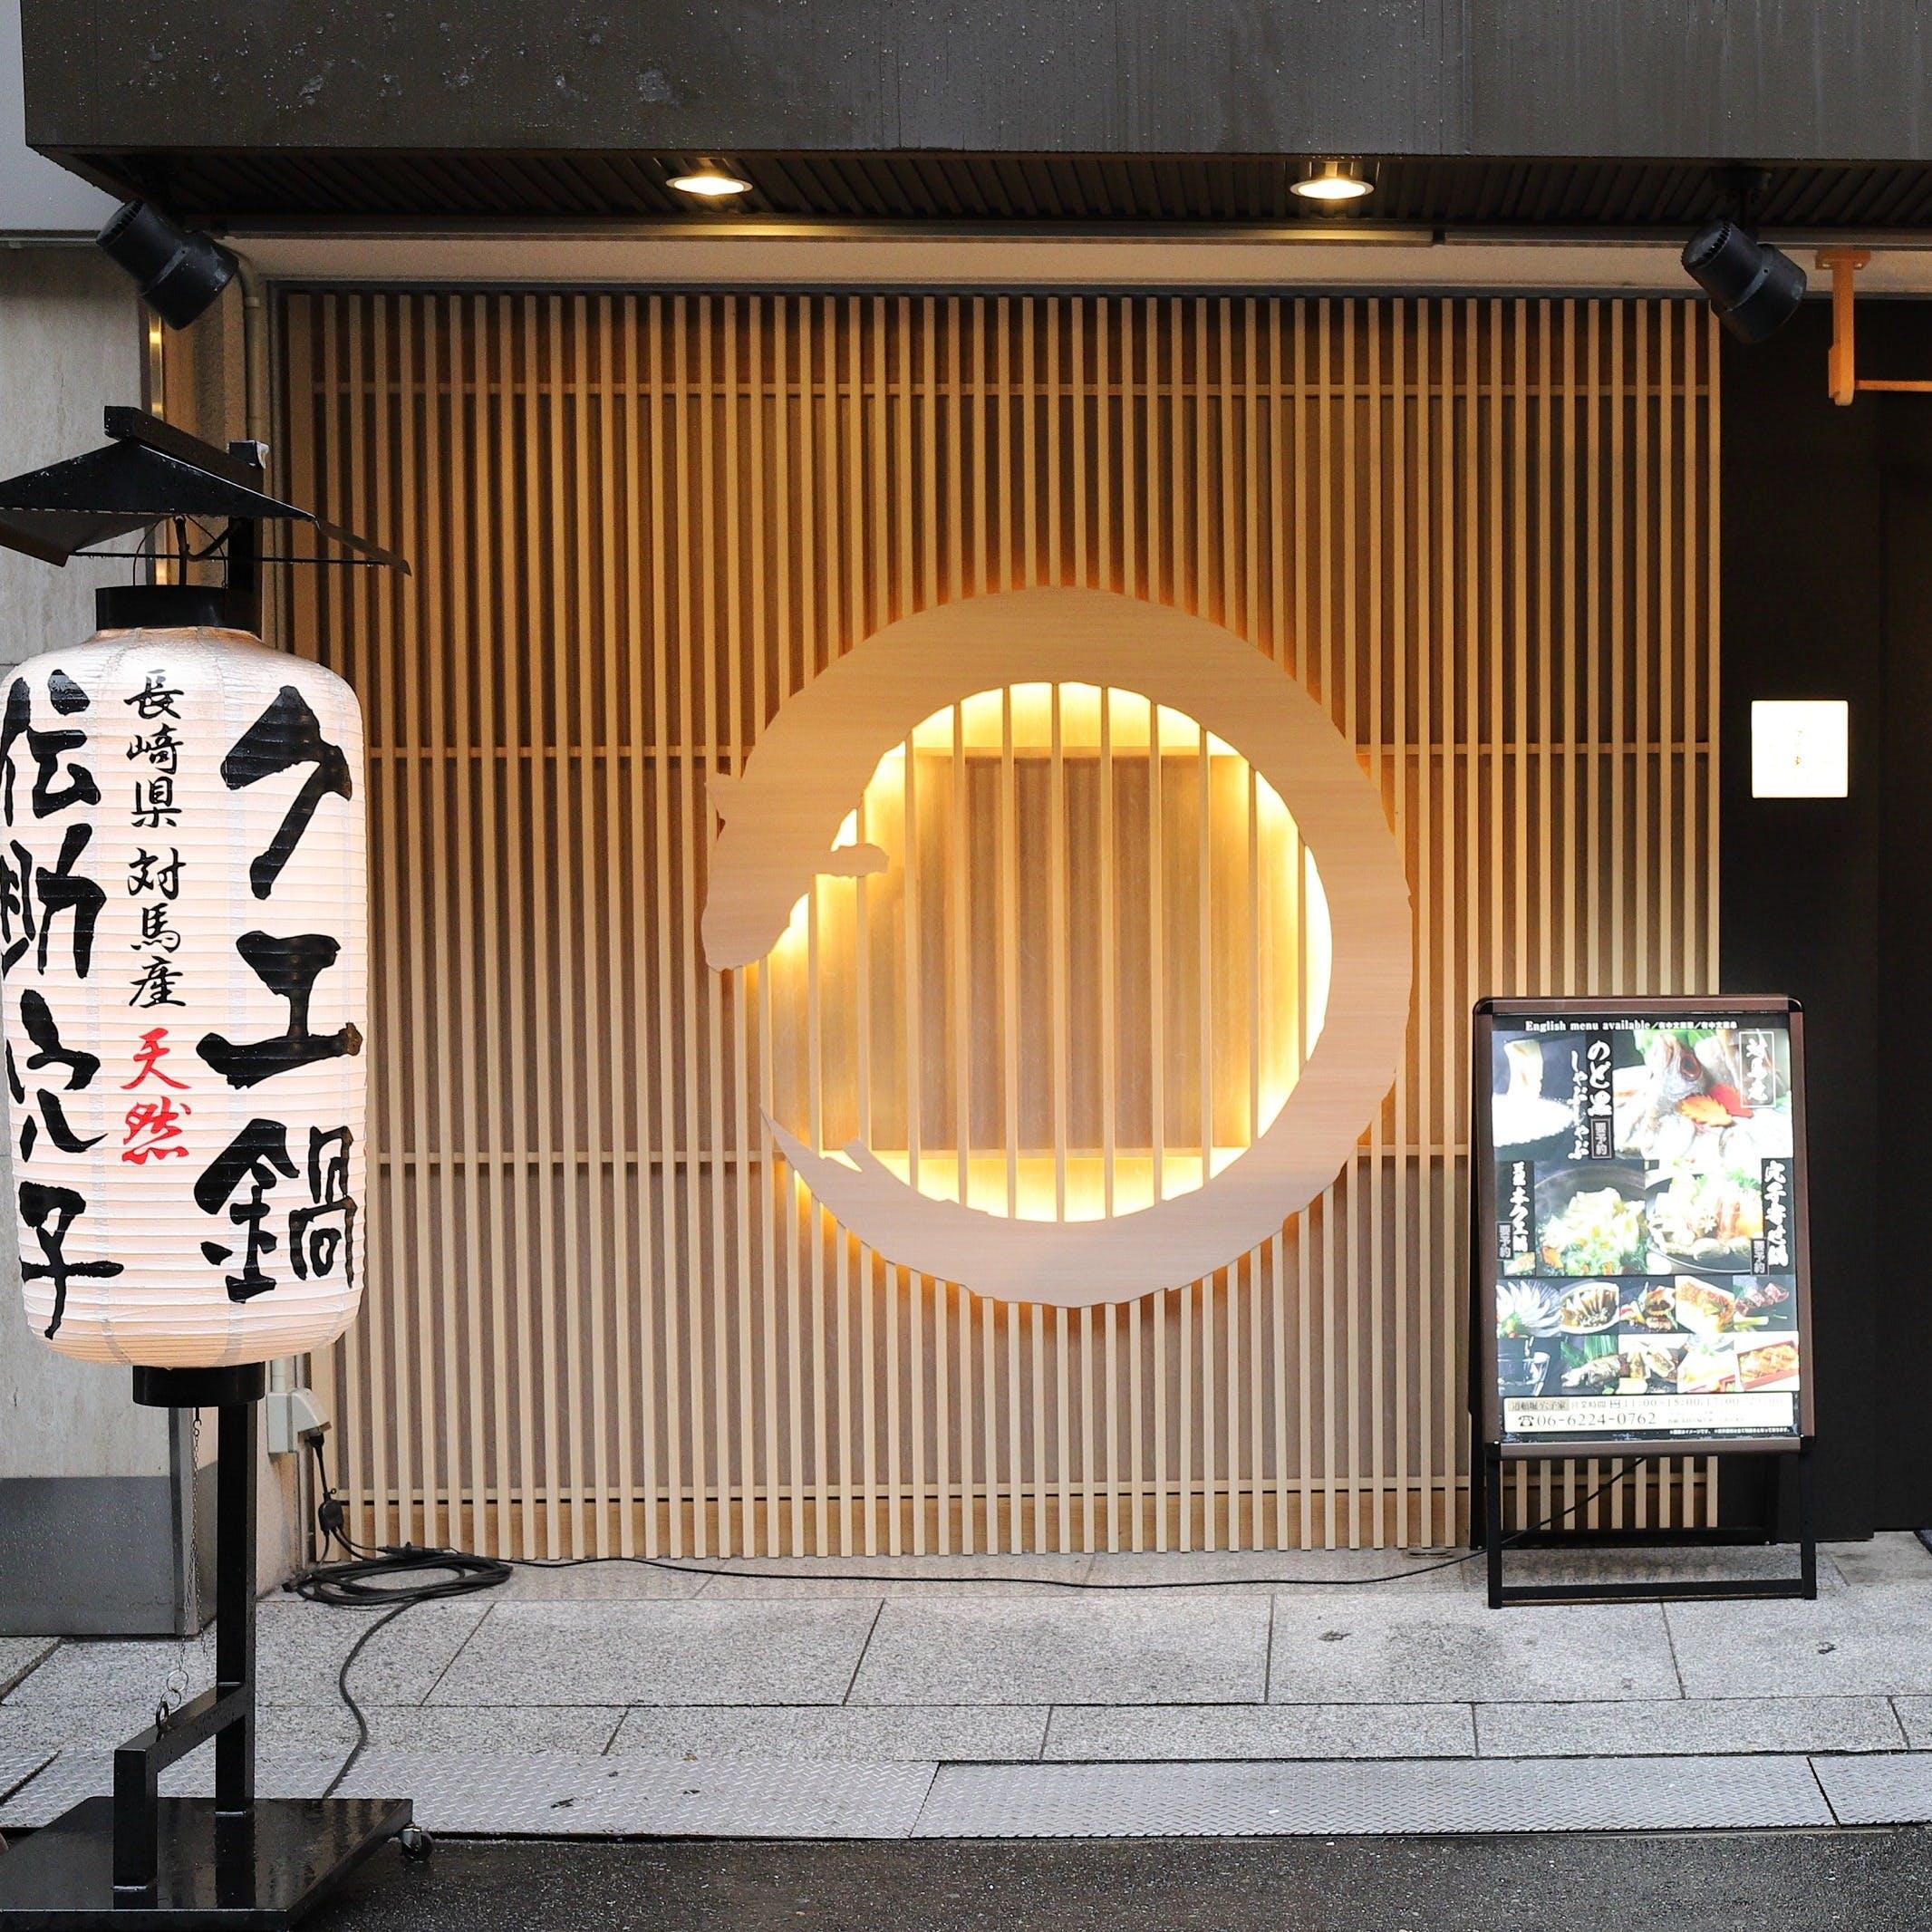 モダンでお洒落な穴子料理店